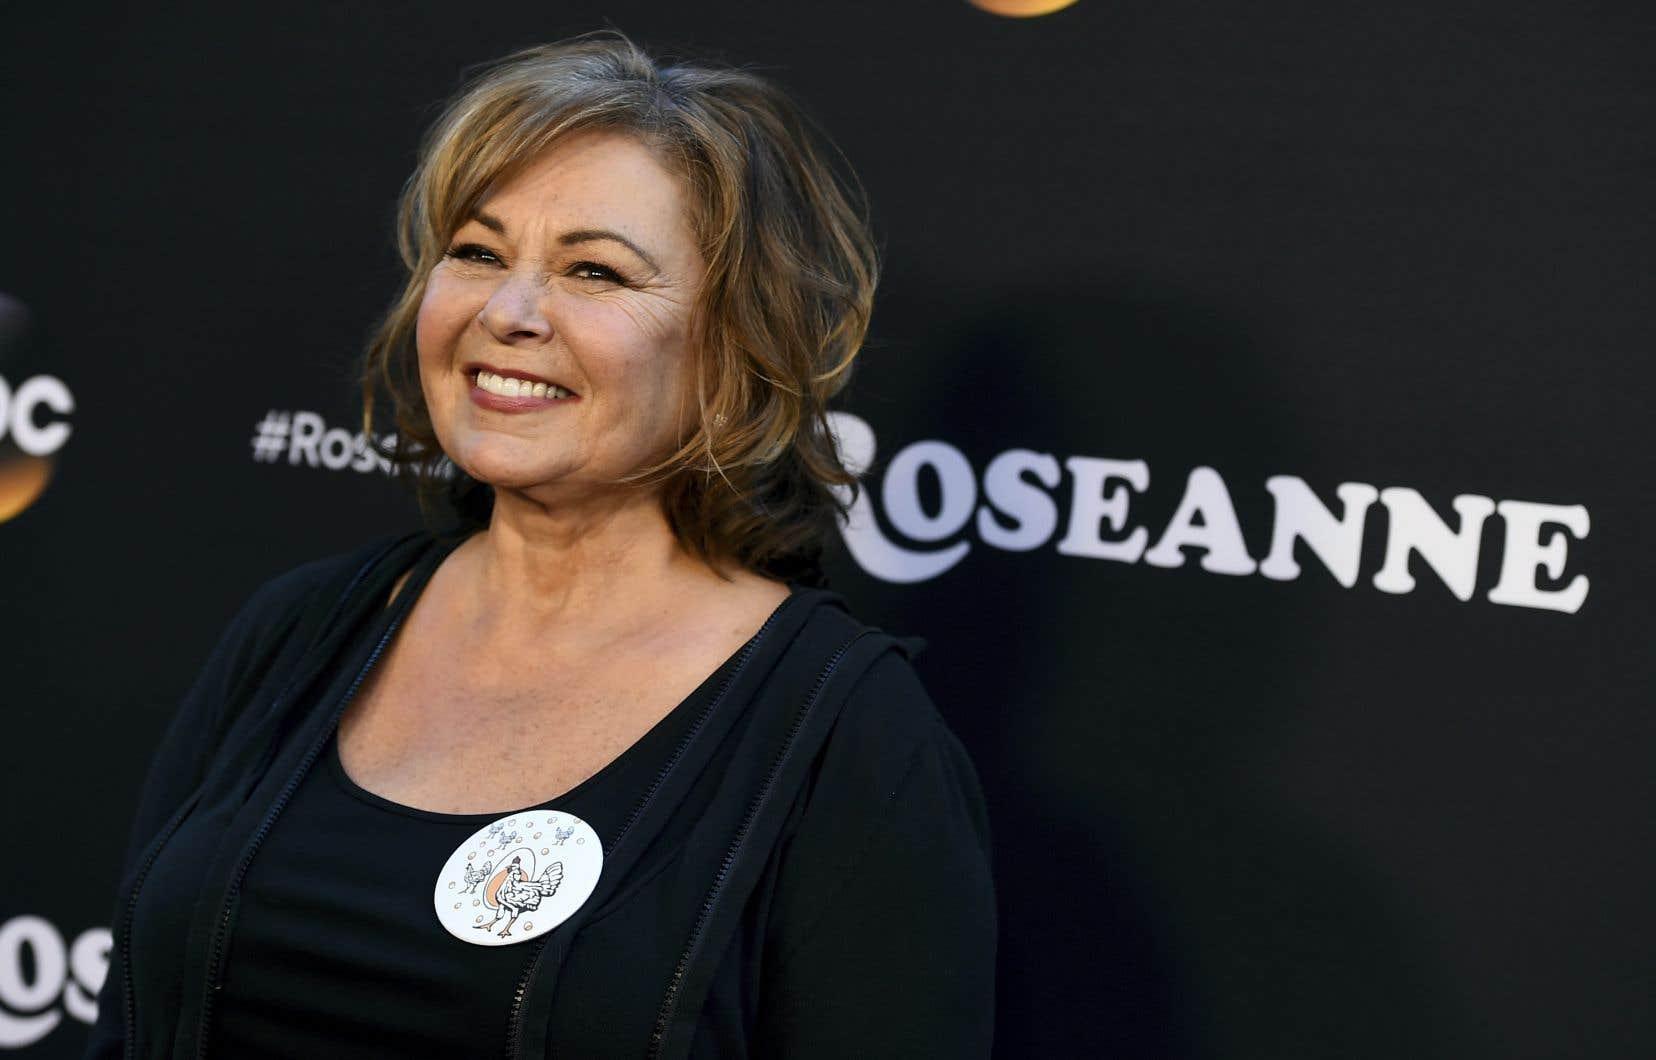 La créatrice et vedette de l'émission «Roseanne», Roseanne Barr